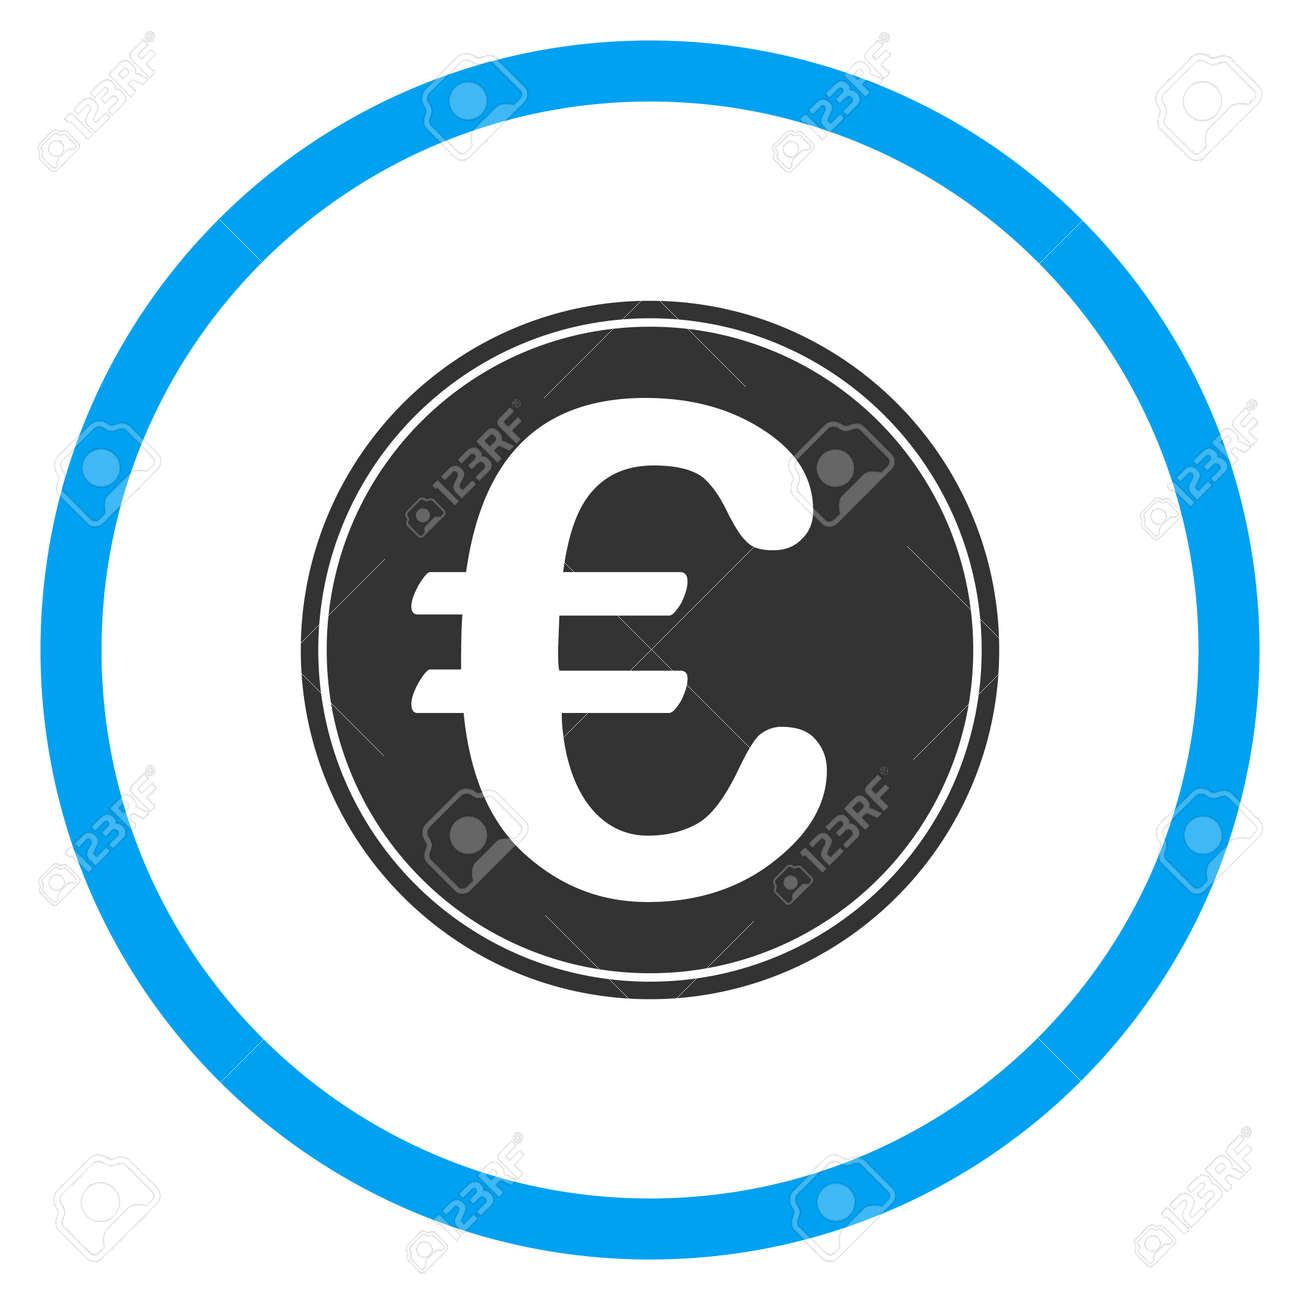 Euro Münze Glyph Symbol Der Stil Ist Bicolor Flach Eingekreiste